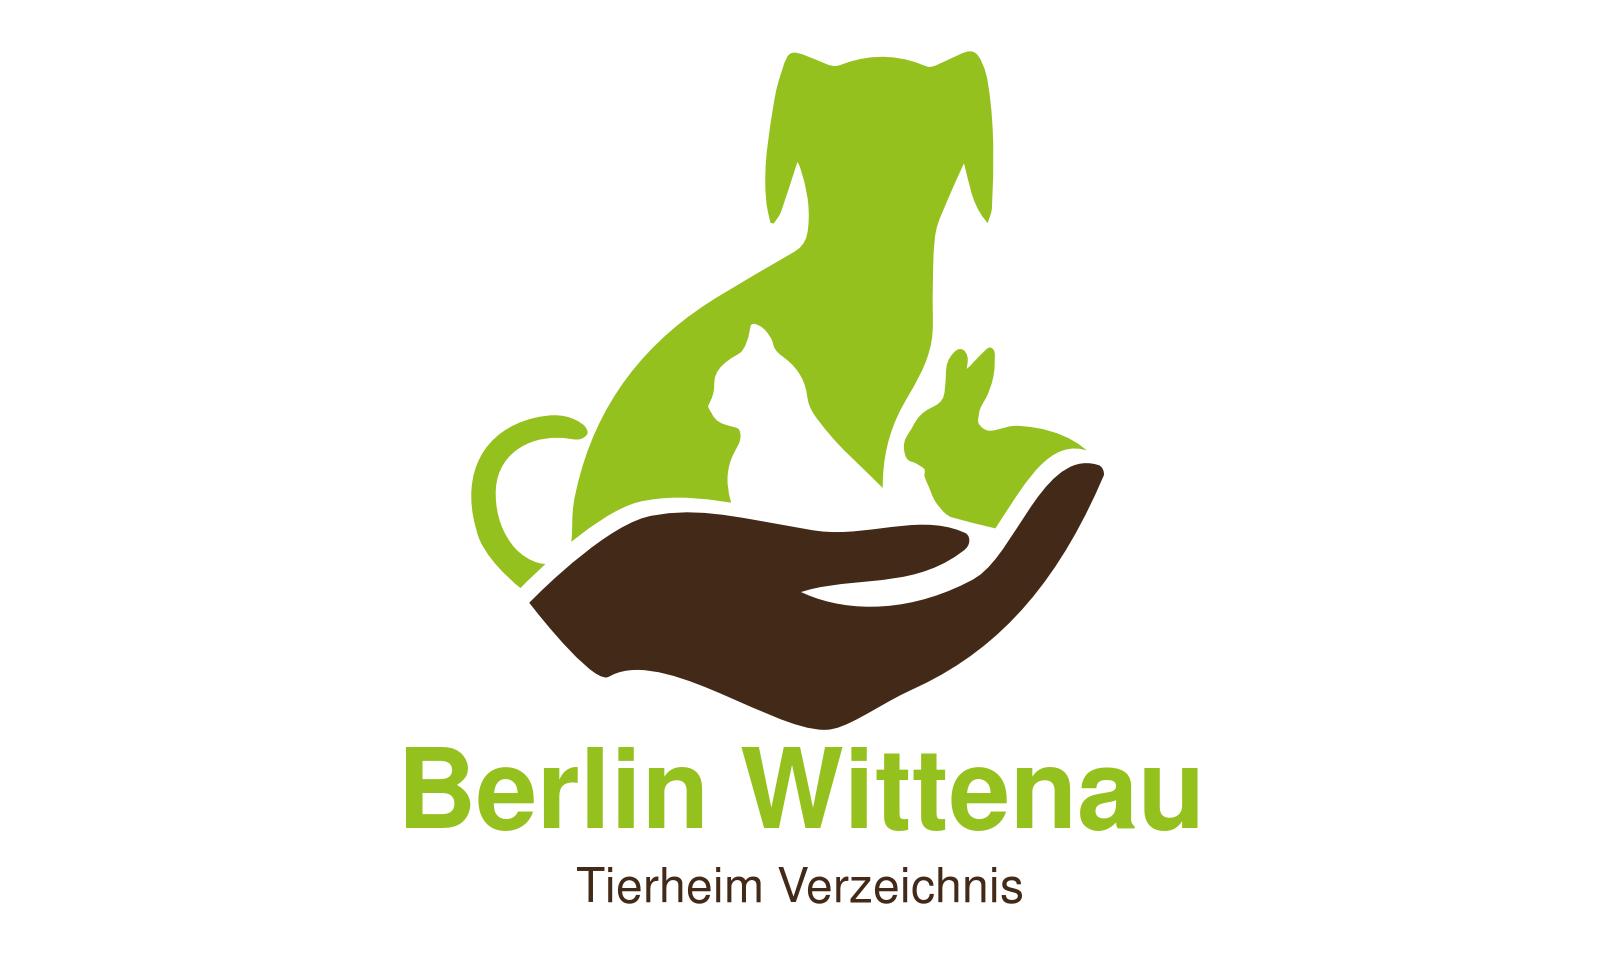 Tierheim Berlin Wittenau